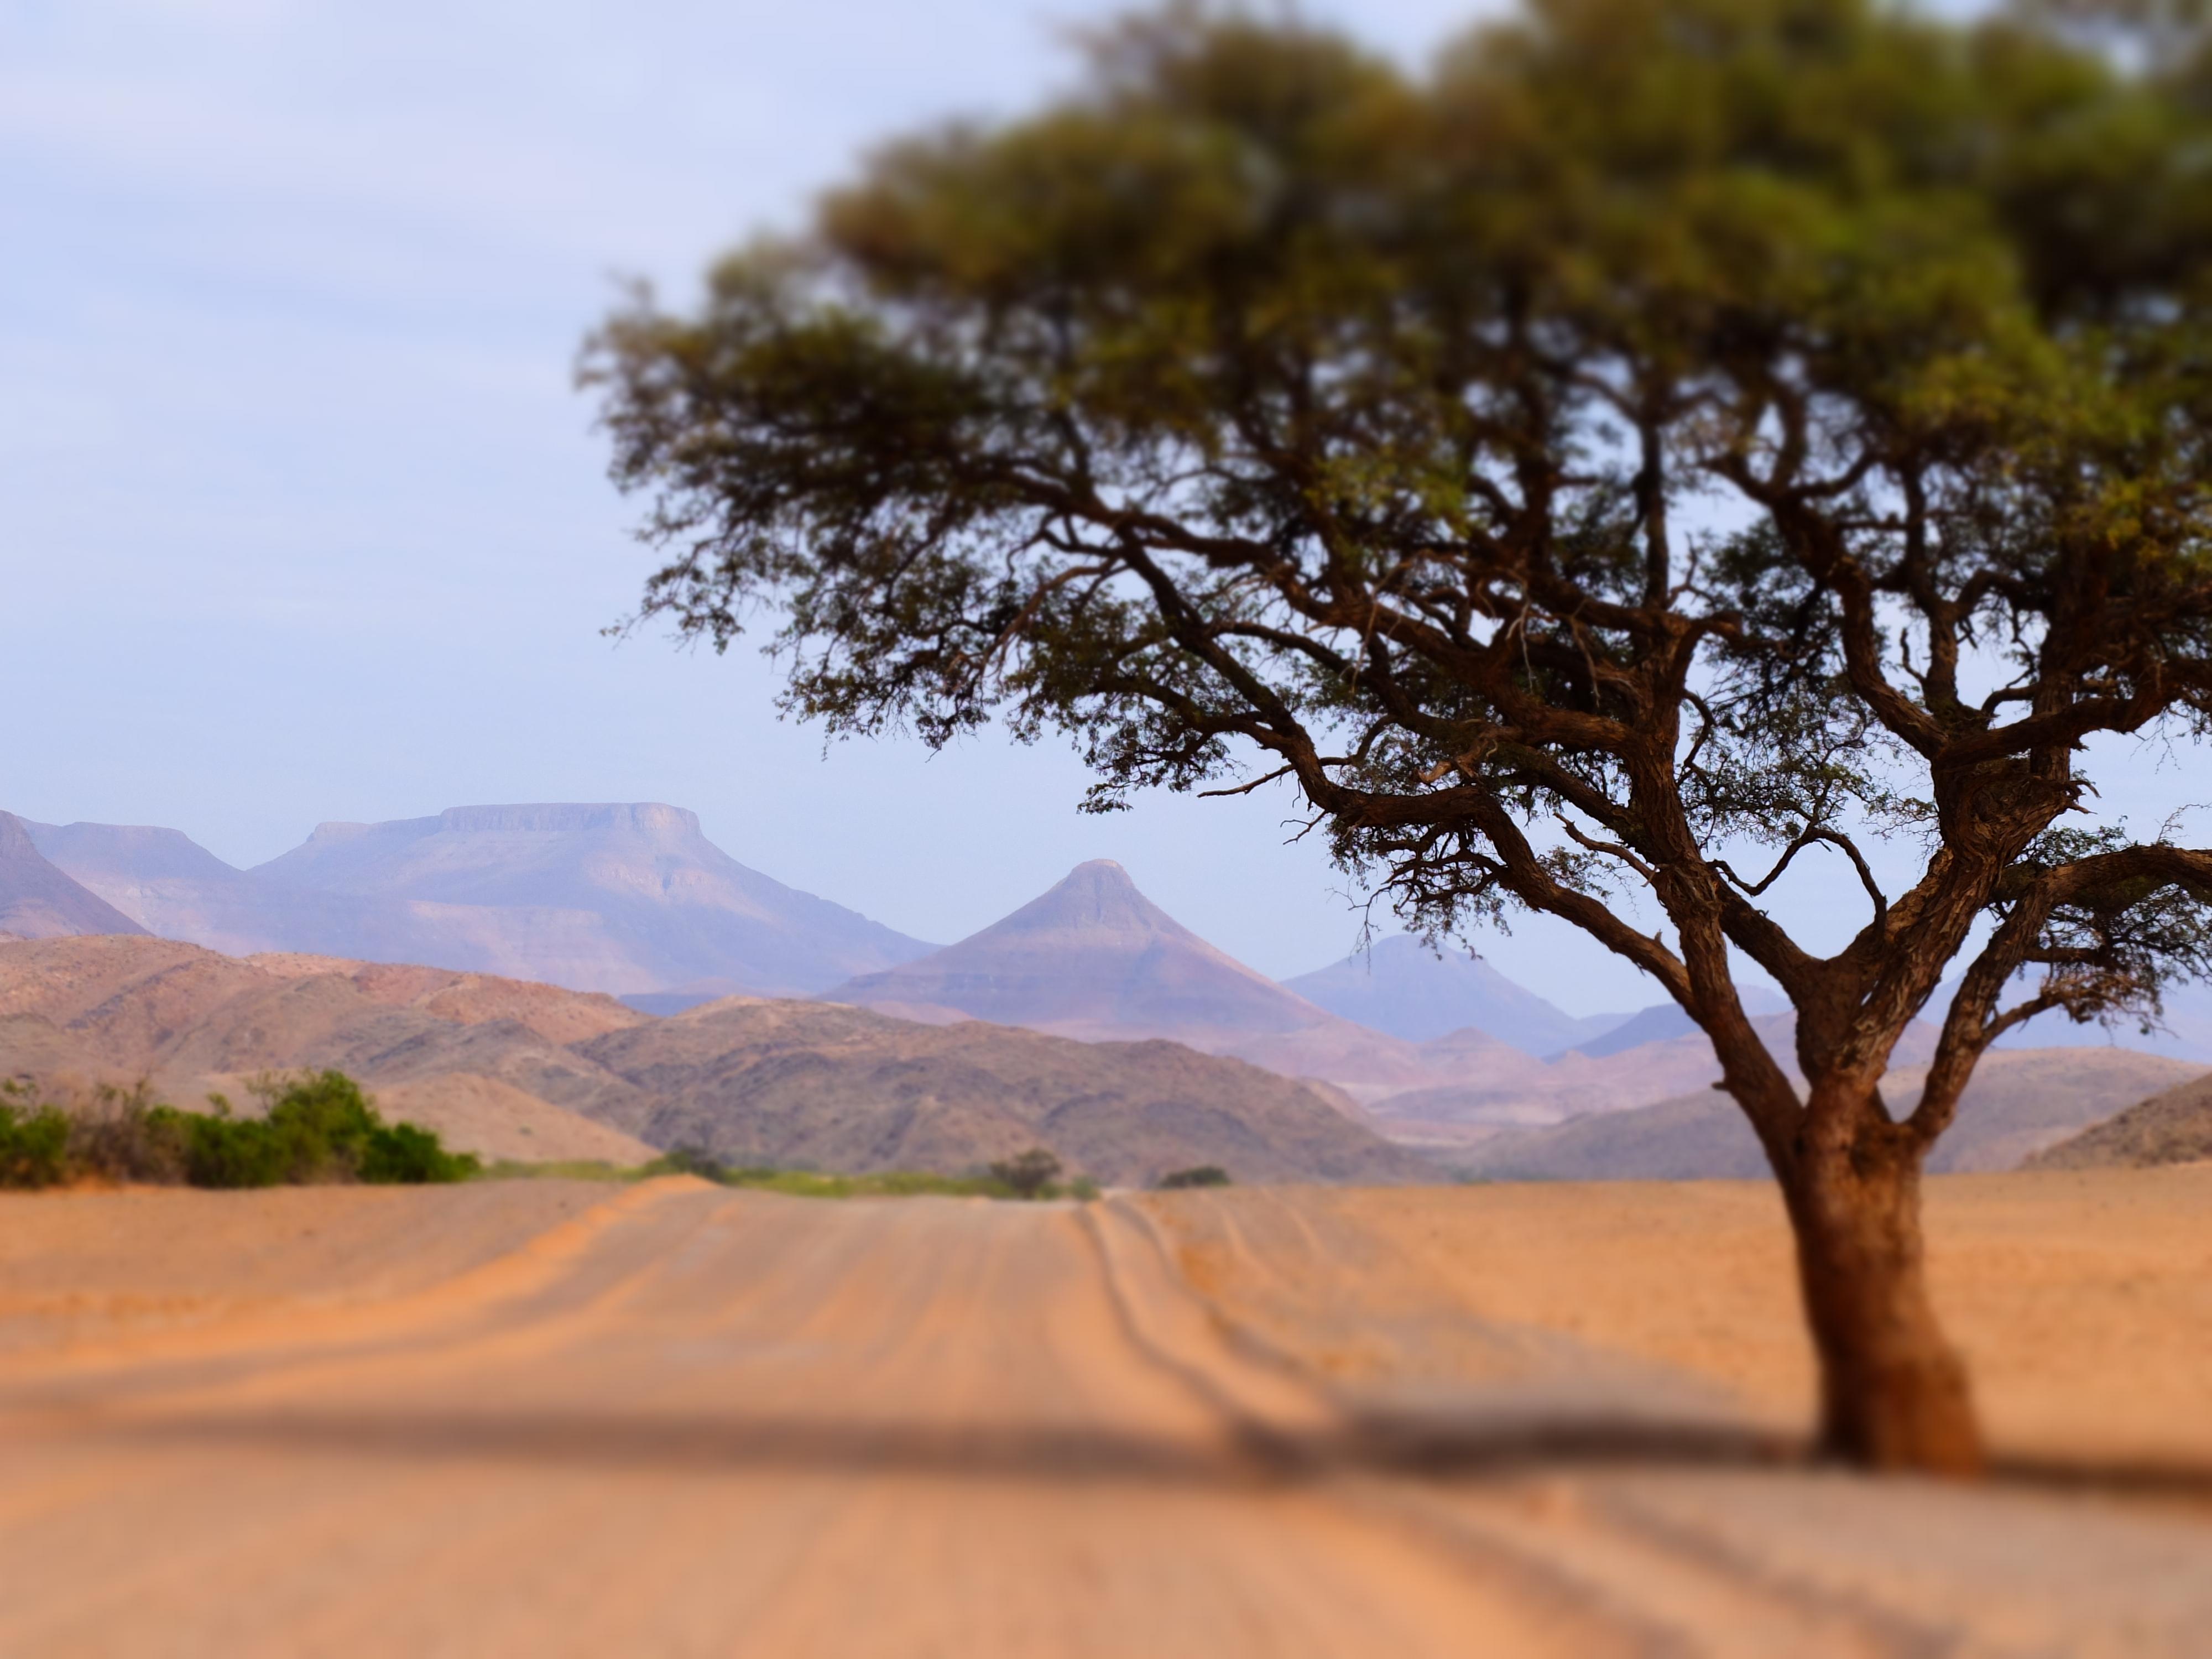 Impressions de voyage de Laurent & ses amis – Auto Tour Namibie, Mars 2018